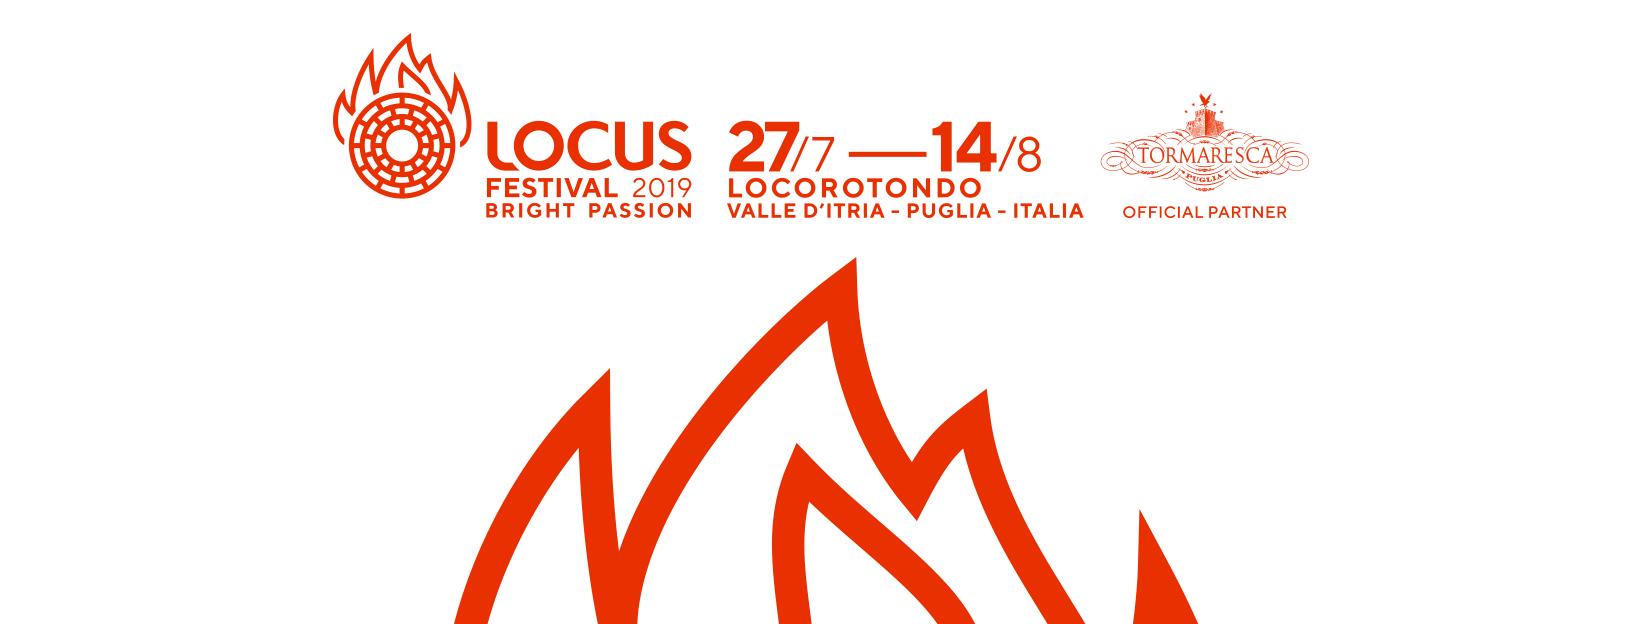 Italy Jazz Festivals